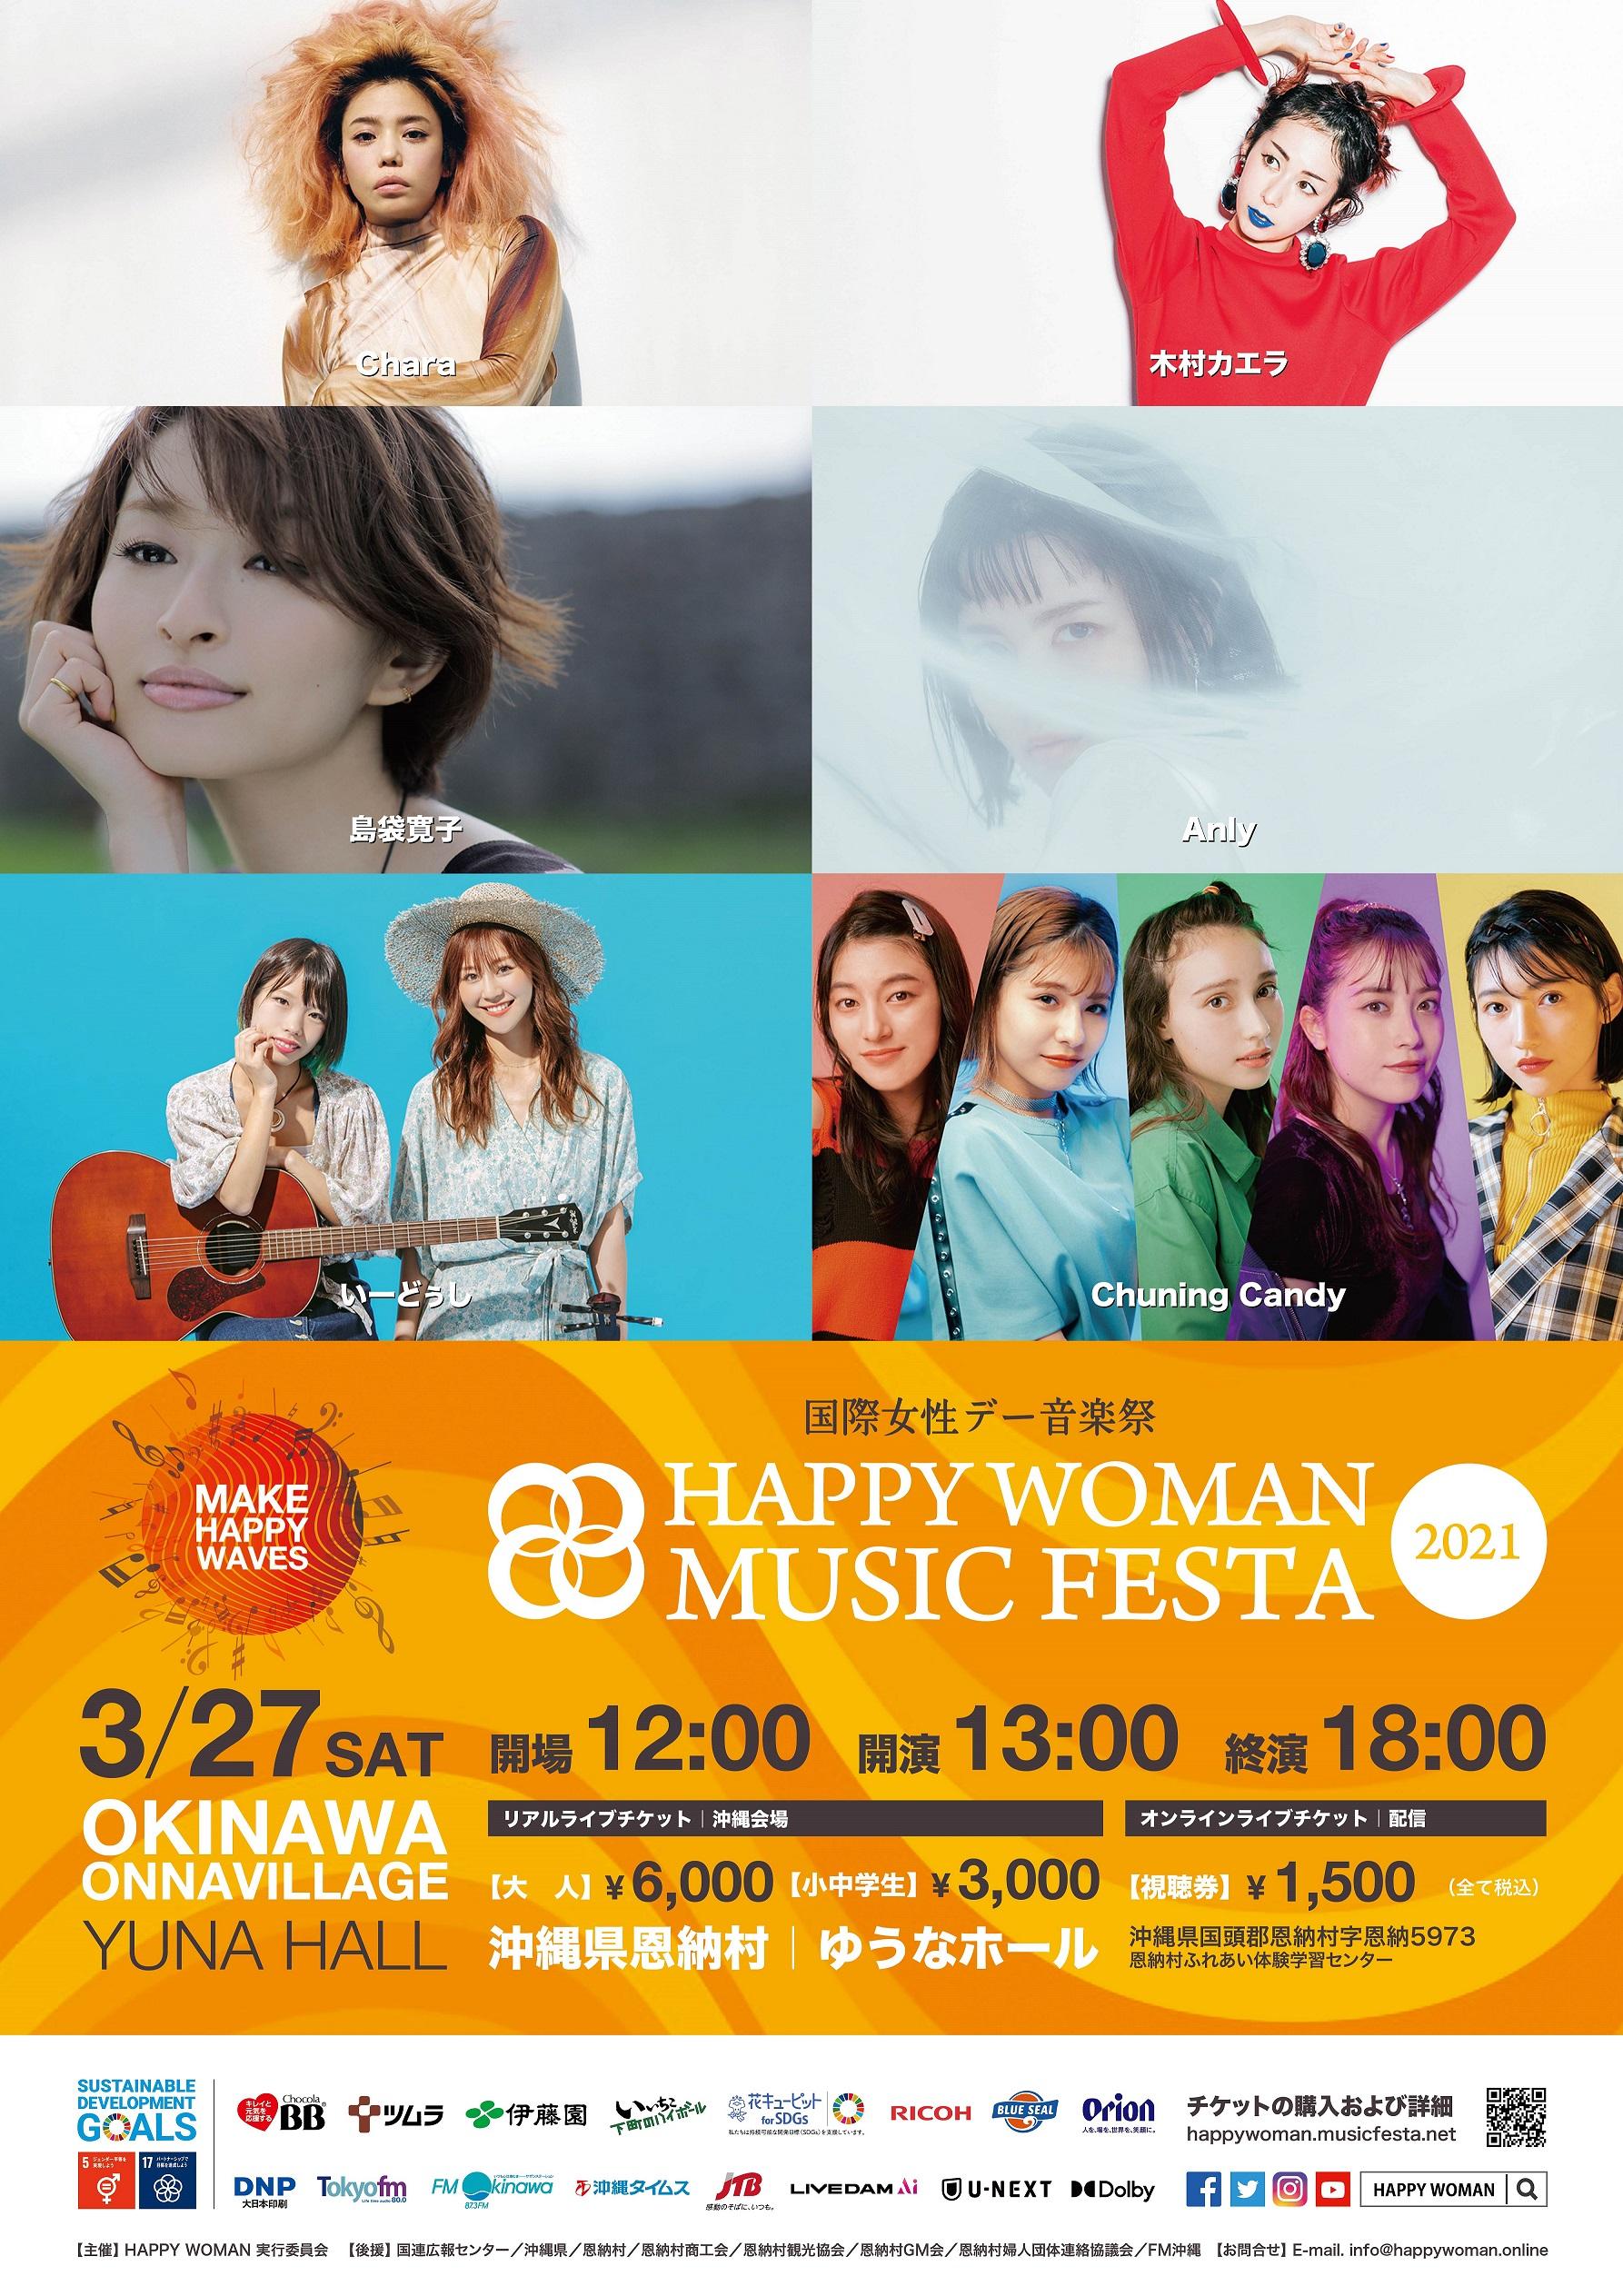 HAPPY WOMAN MUSIC FESTA(国際女性デー音楽祭)オフィシャルホテル